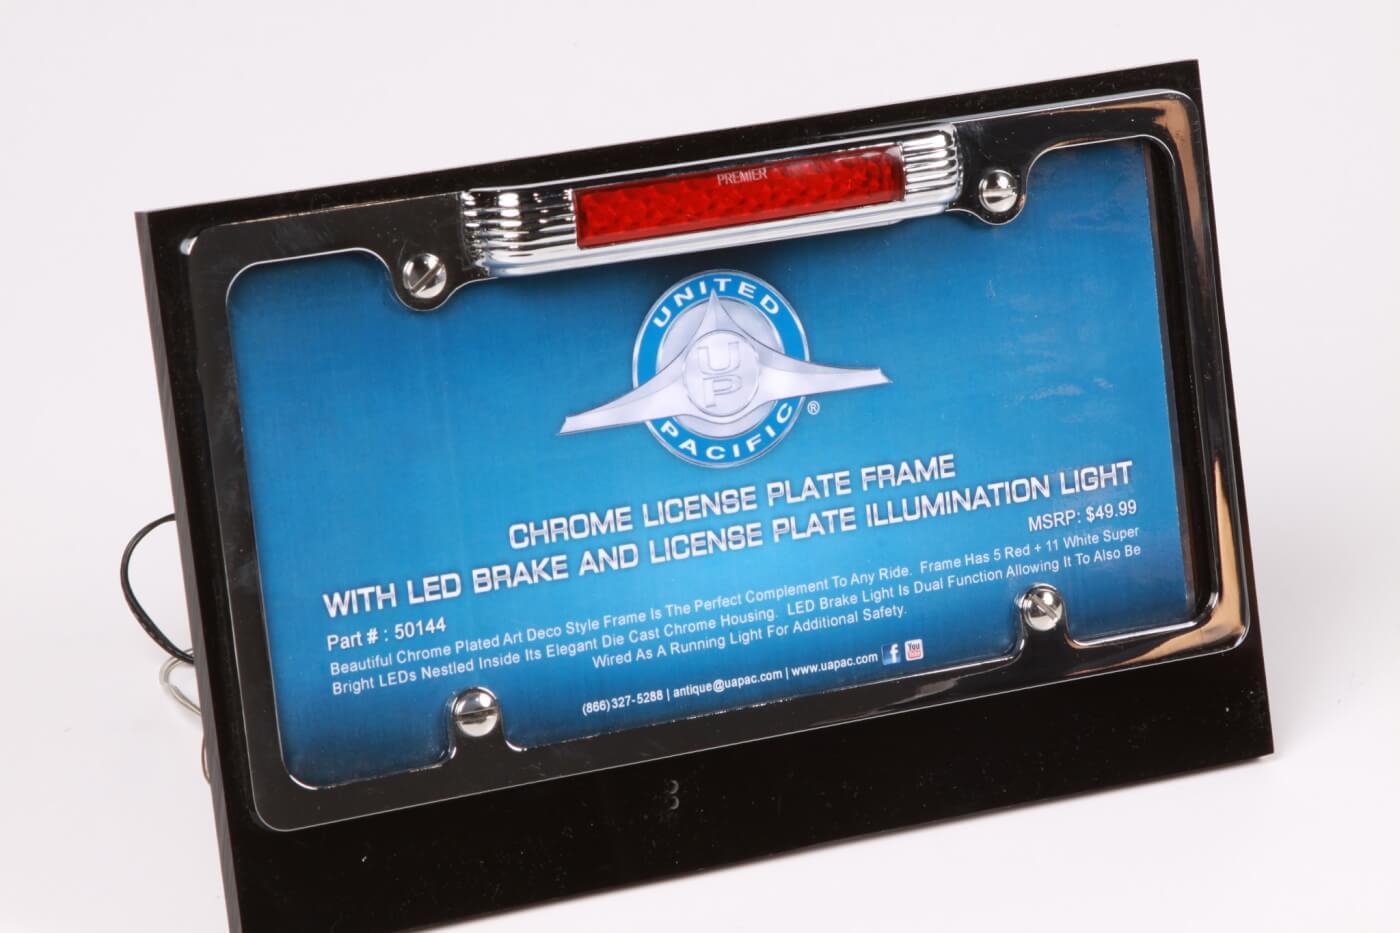 LED Plate Frame